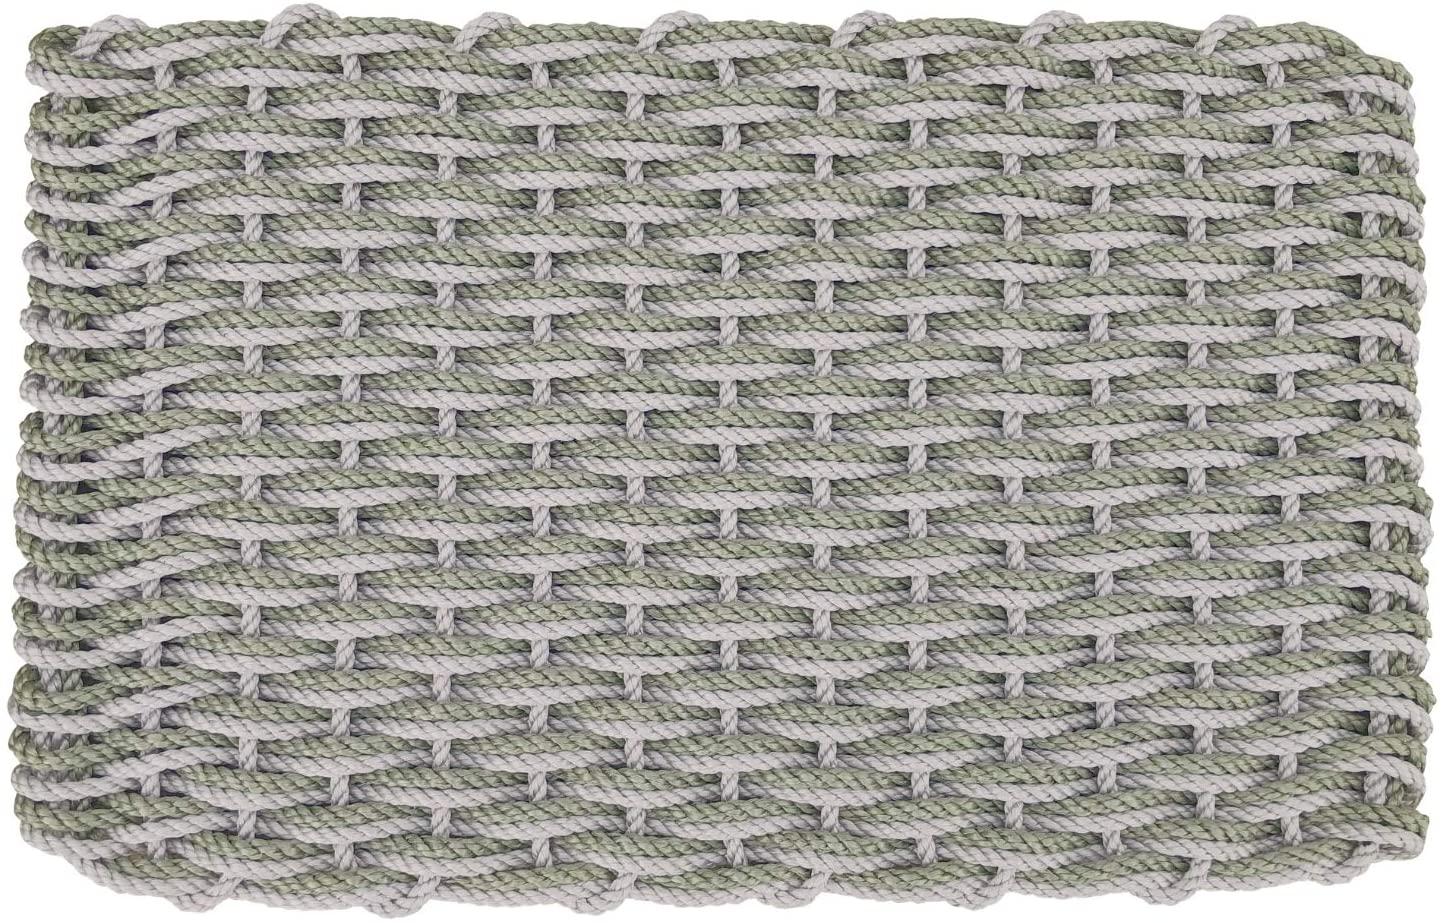 ColorWave Nautical Rope Doormat, Handwoven Lobster Rope Doormat, Cape Gray & Coastal Green, 18 x 30